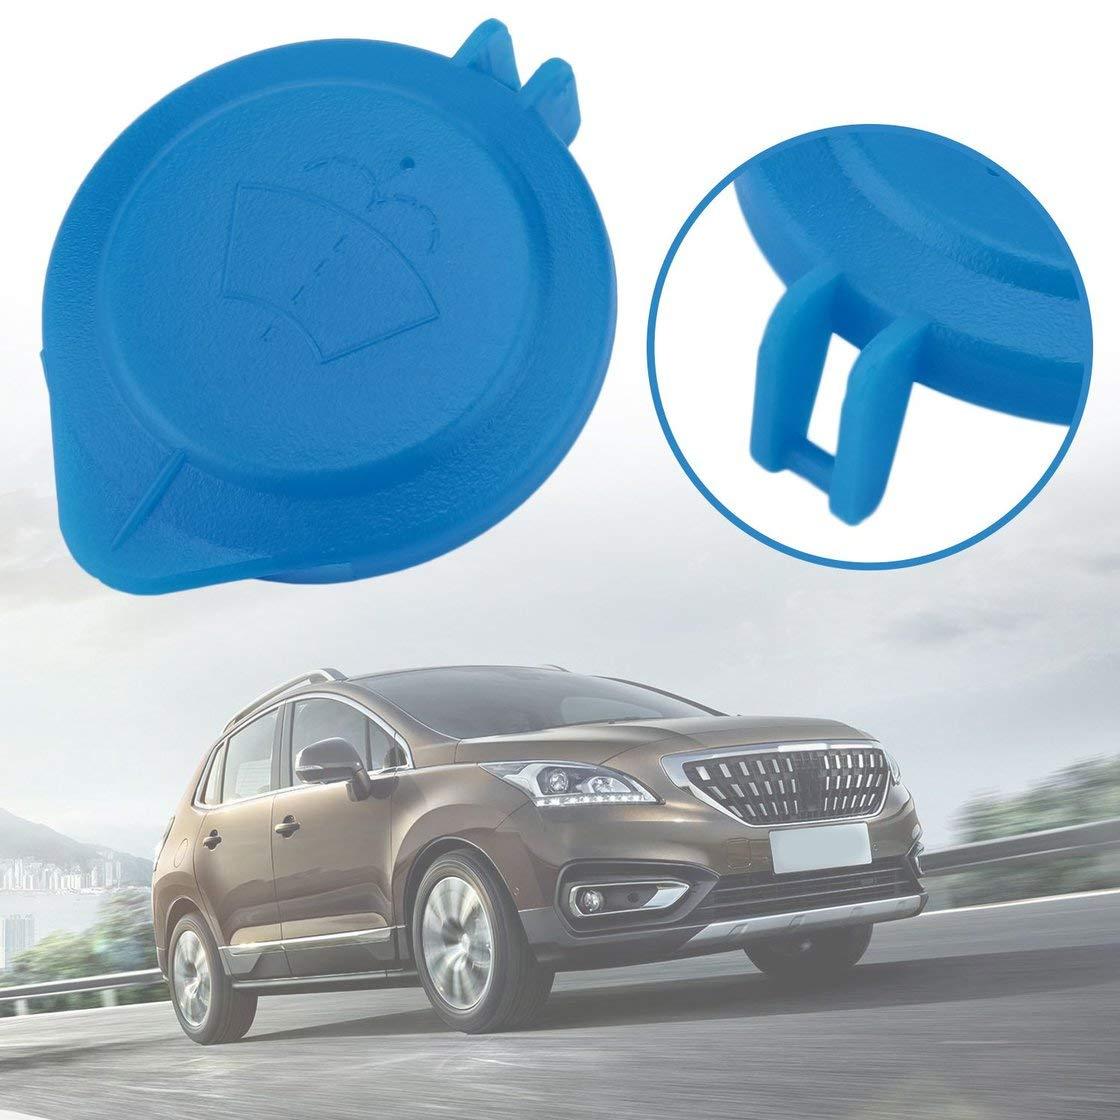 Tapa de la Tapa Limpiaparabrisas Depósito de líquido de Limpieza Cubierta de reemplazo del Parabrisas para Peugeot 407 para Citroen C5 3008 Accesorios para ...